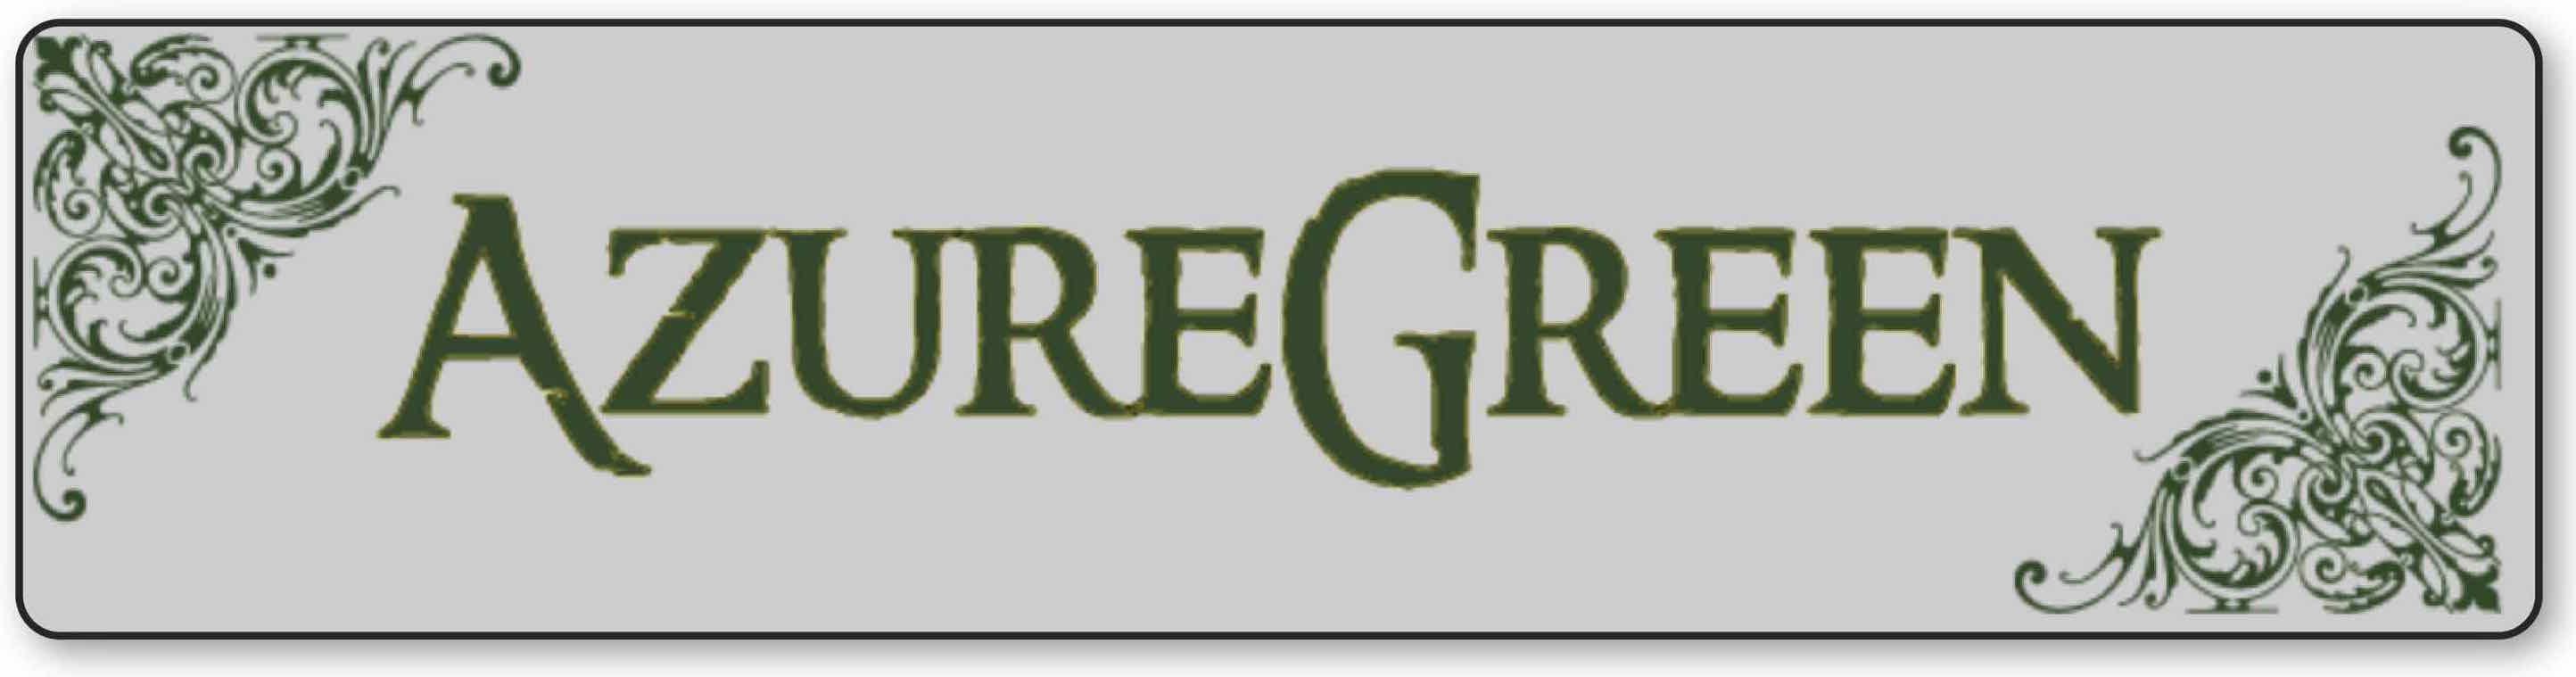 Azure Green Banner